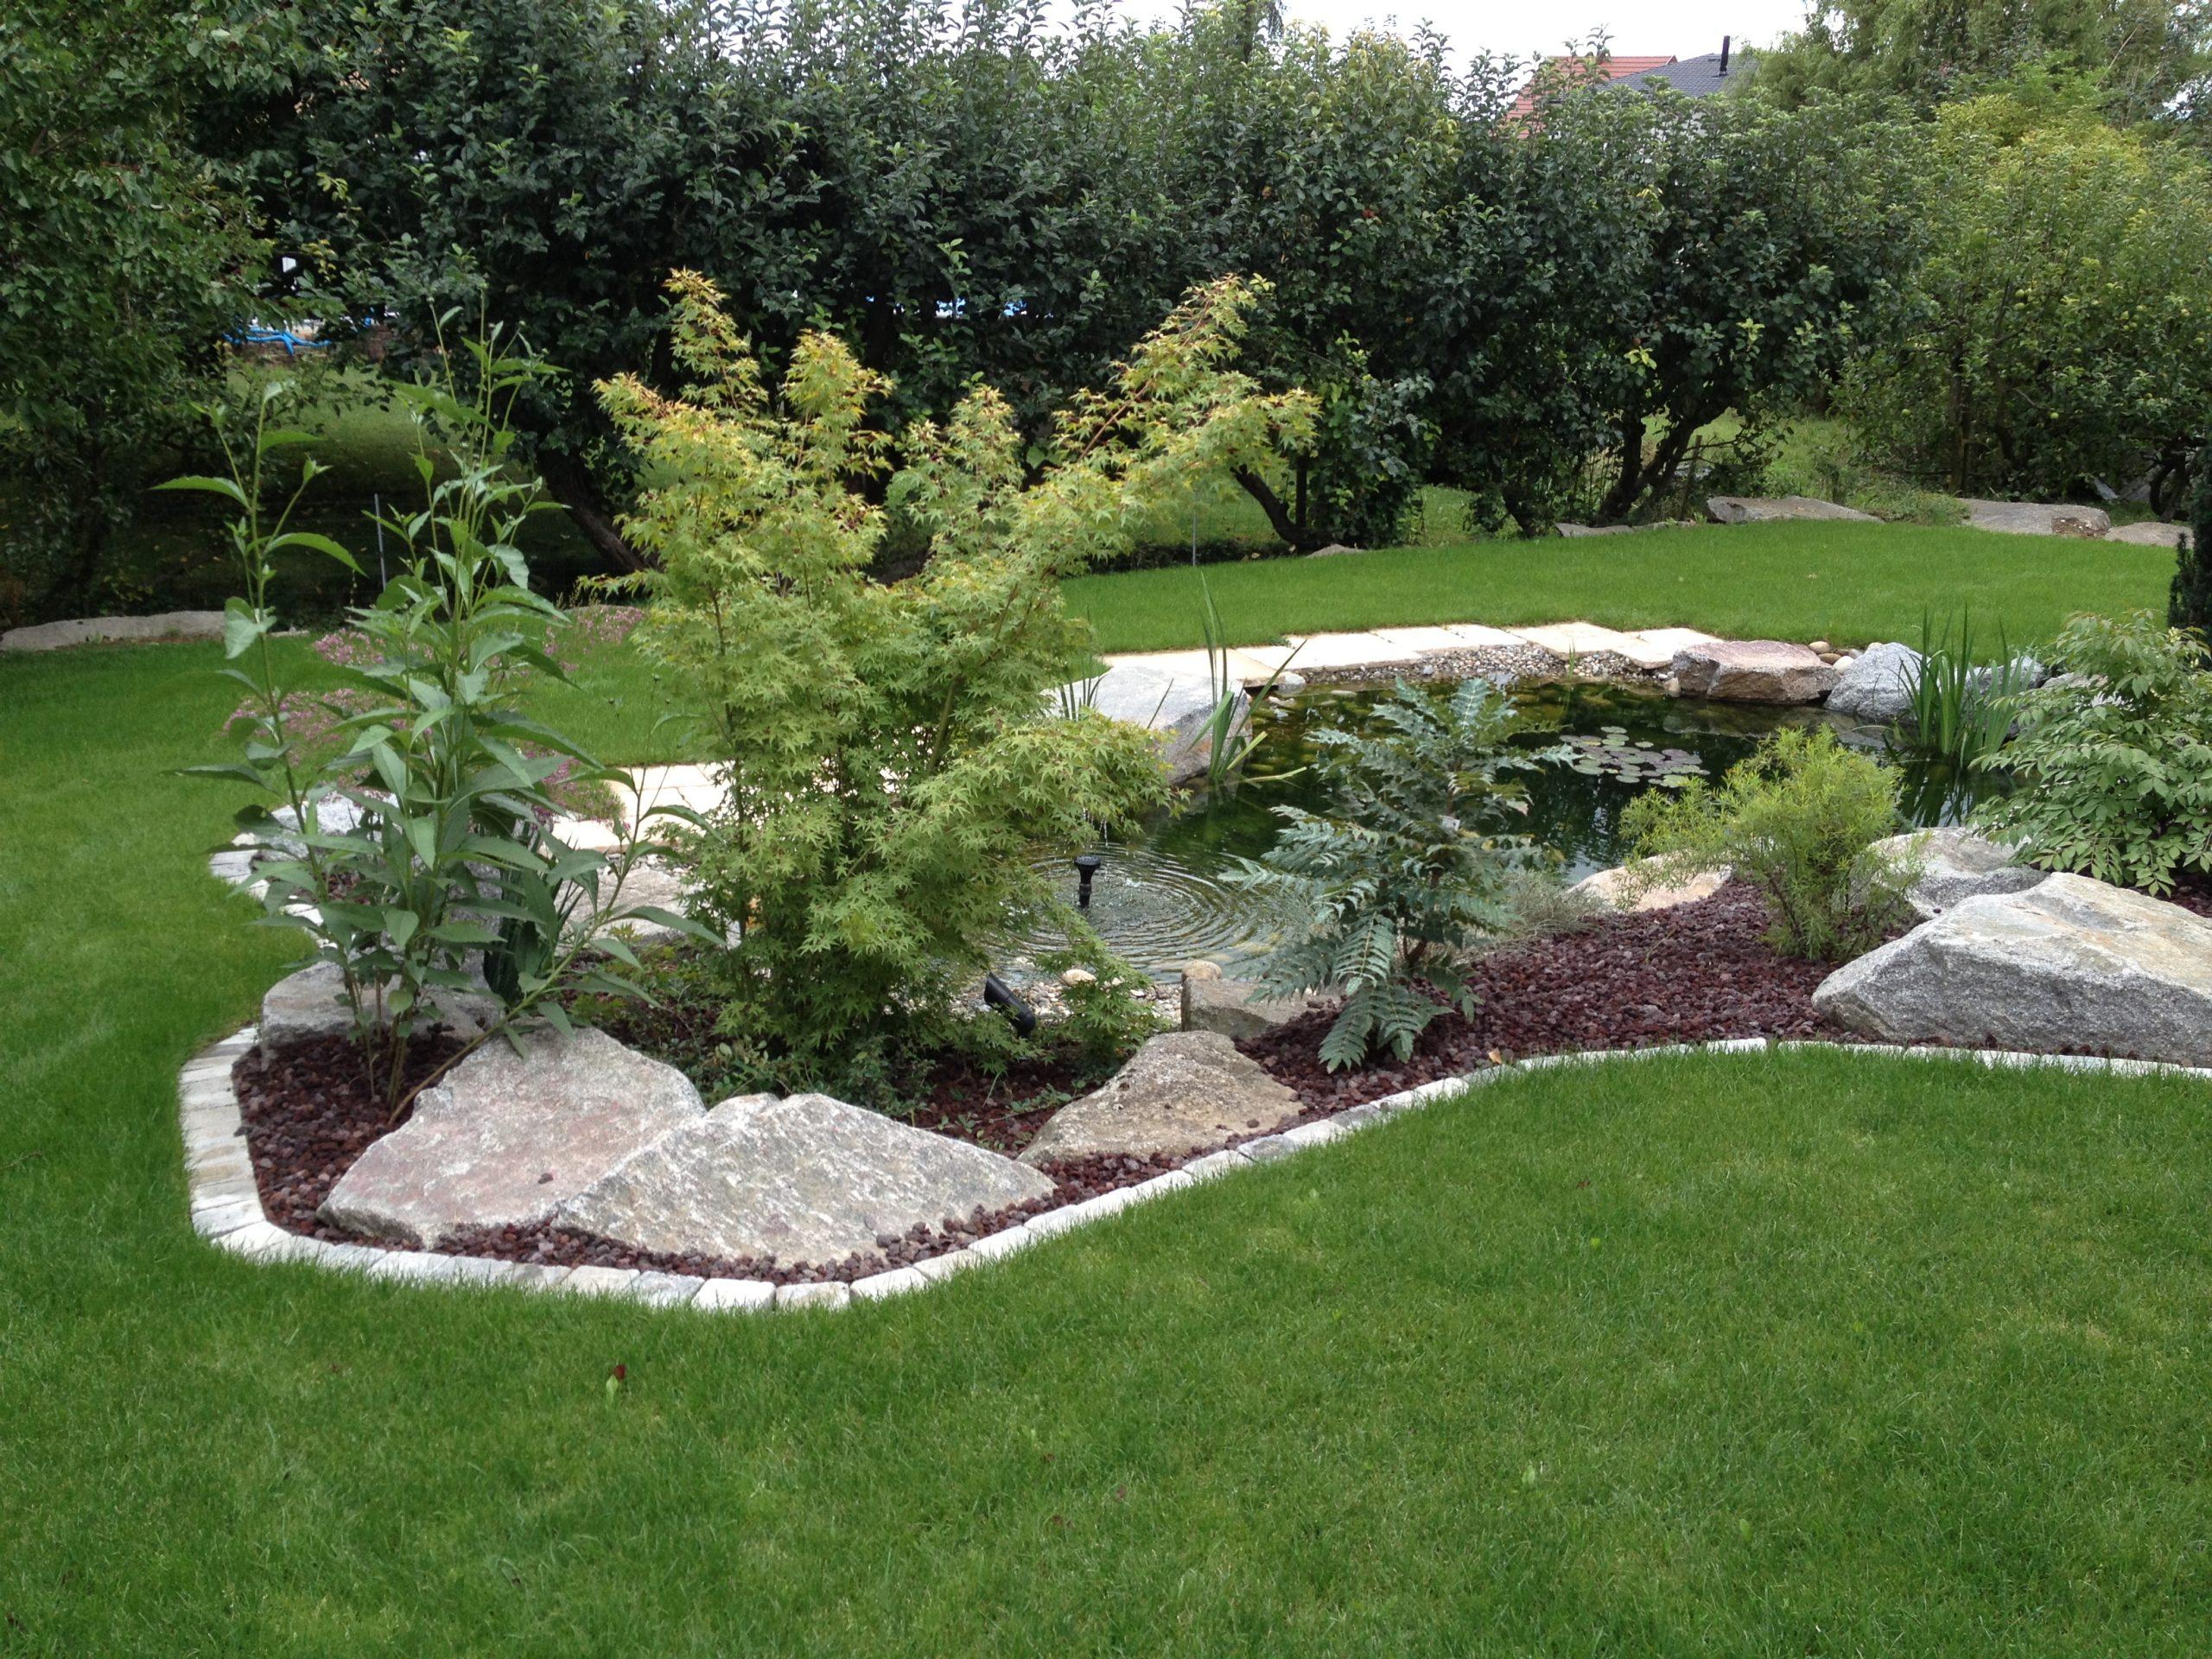 En Quoi Consiste Le Métier De Paysagiste ? › Paysages Herrisé tout Comment Creer Un Jardin Paysager